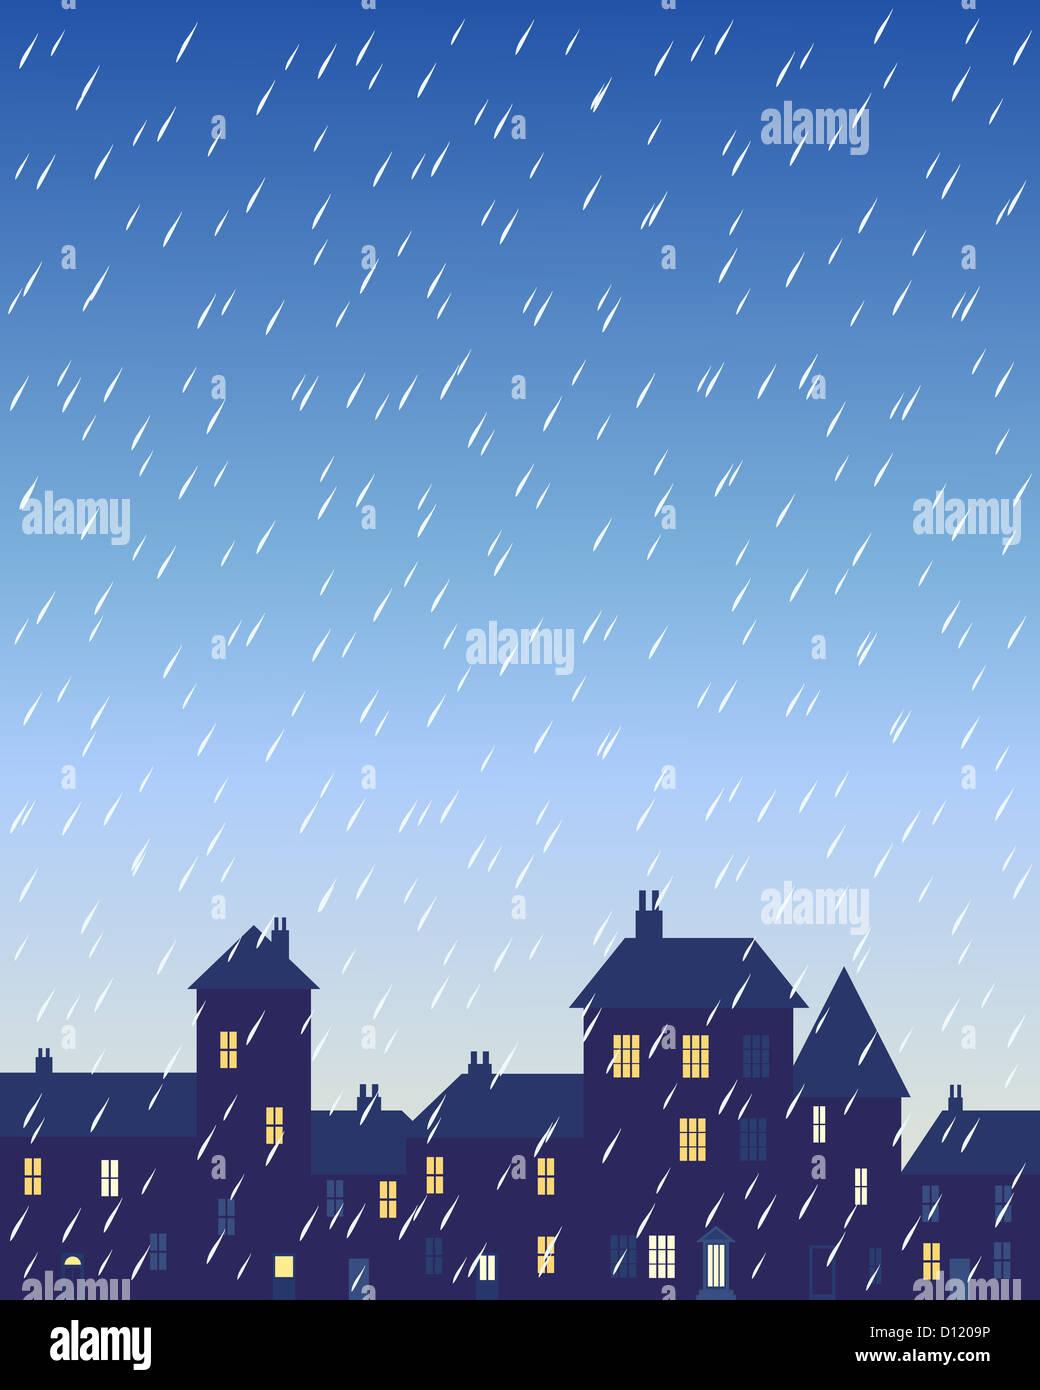 Una illustrazione di un giorno di pioggia in una città con vari edifici di forma e le case con finestre illuminate Foto Stock